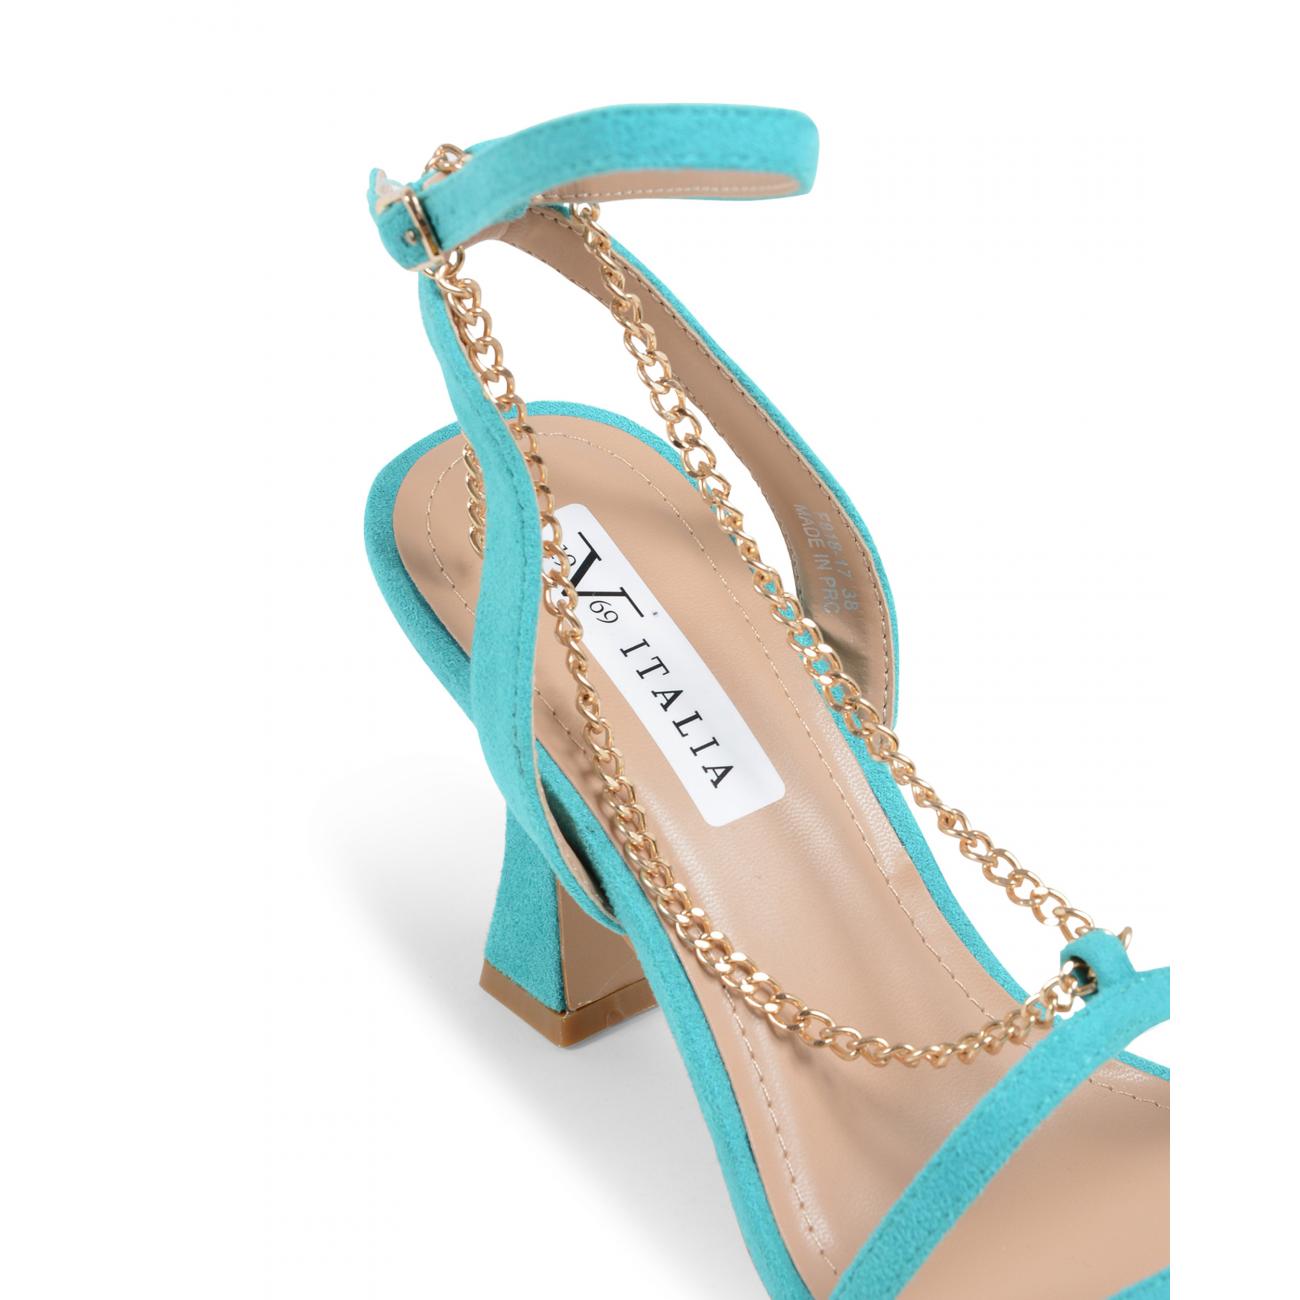 19V69 Italia Women's Ankle Strap Sandal Turquoise V81817 TURQUOISE